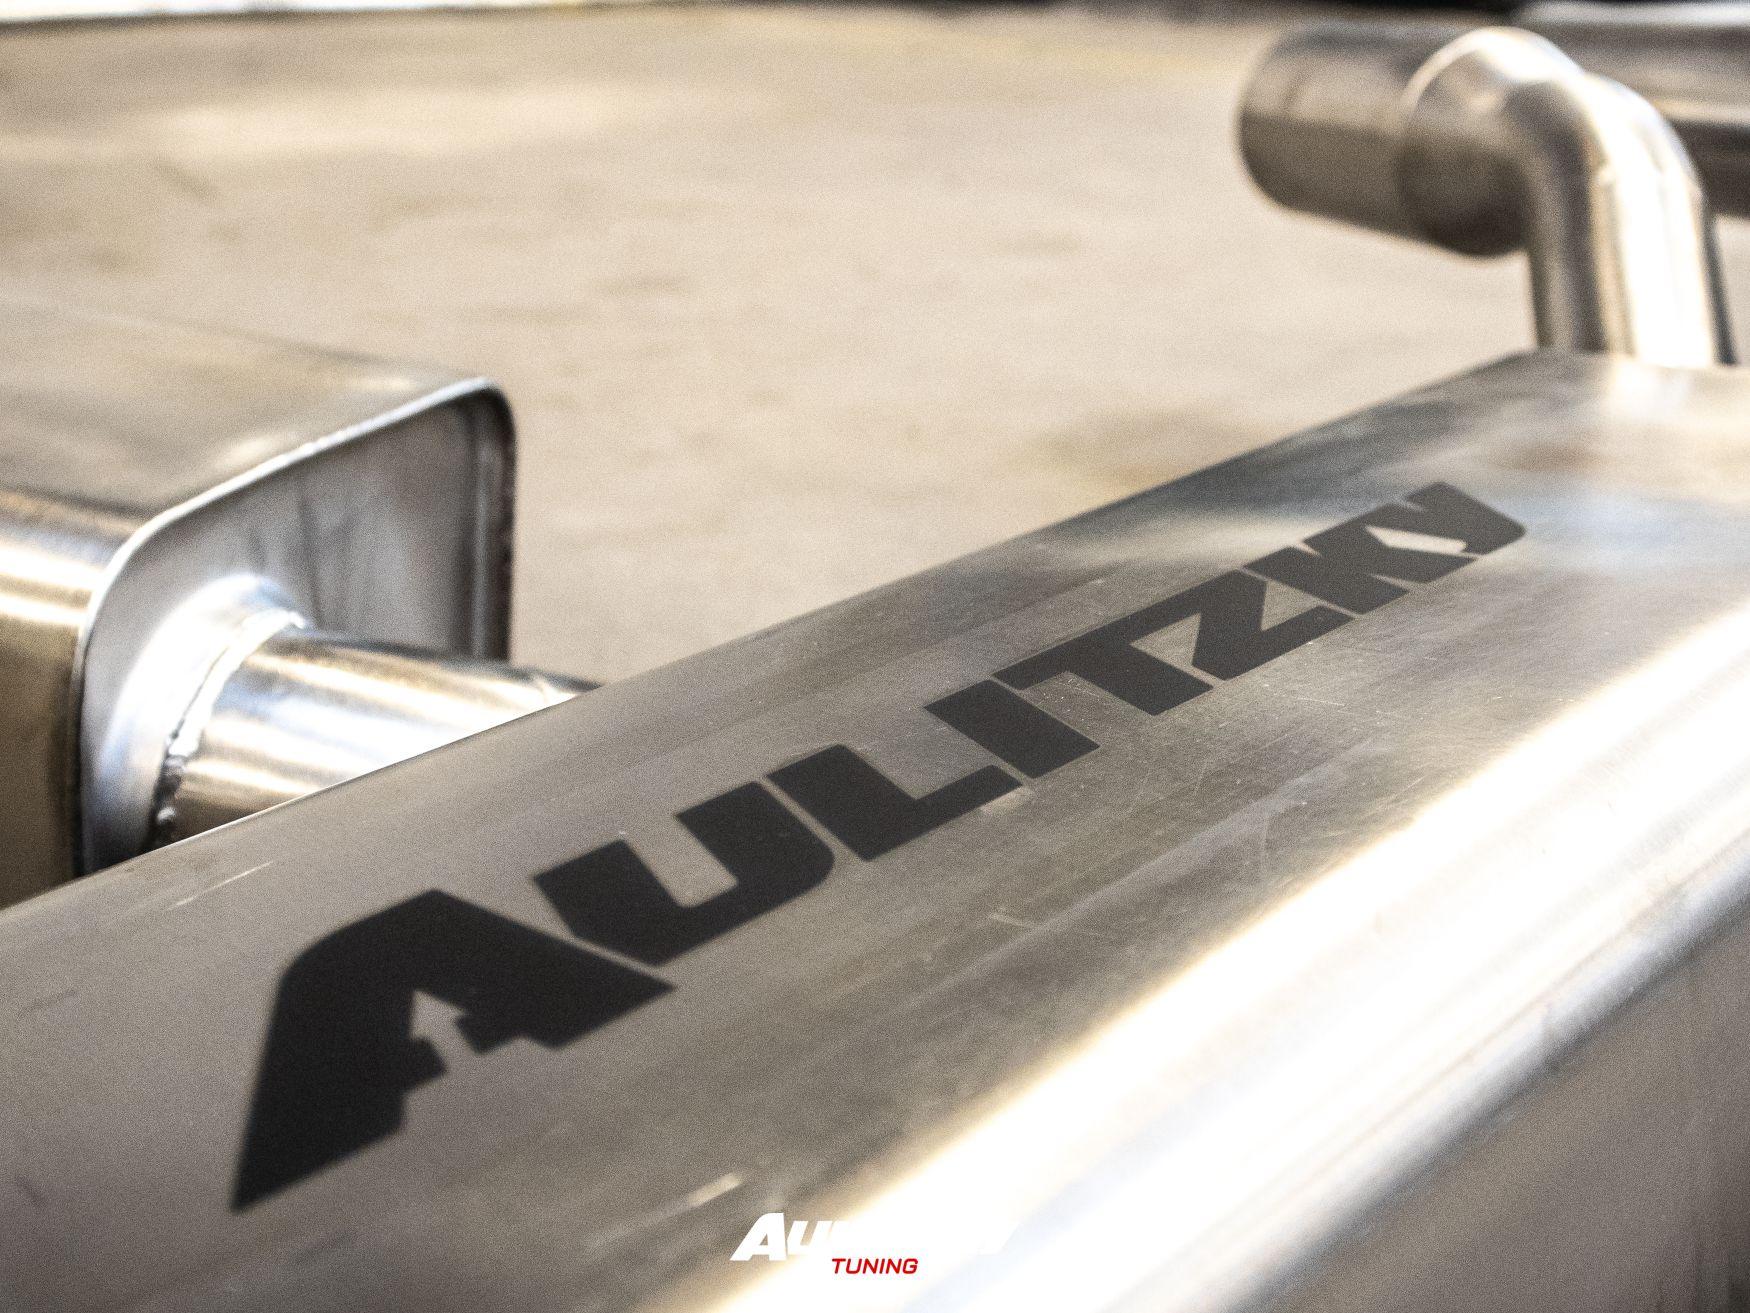 Aulitzky Exhaust | Mercedes-Benz G-Klasse | G63 AMG | Edelstahl Abgasanlage ab OPF mit Klappensteuerung